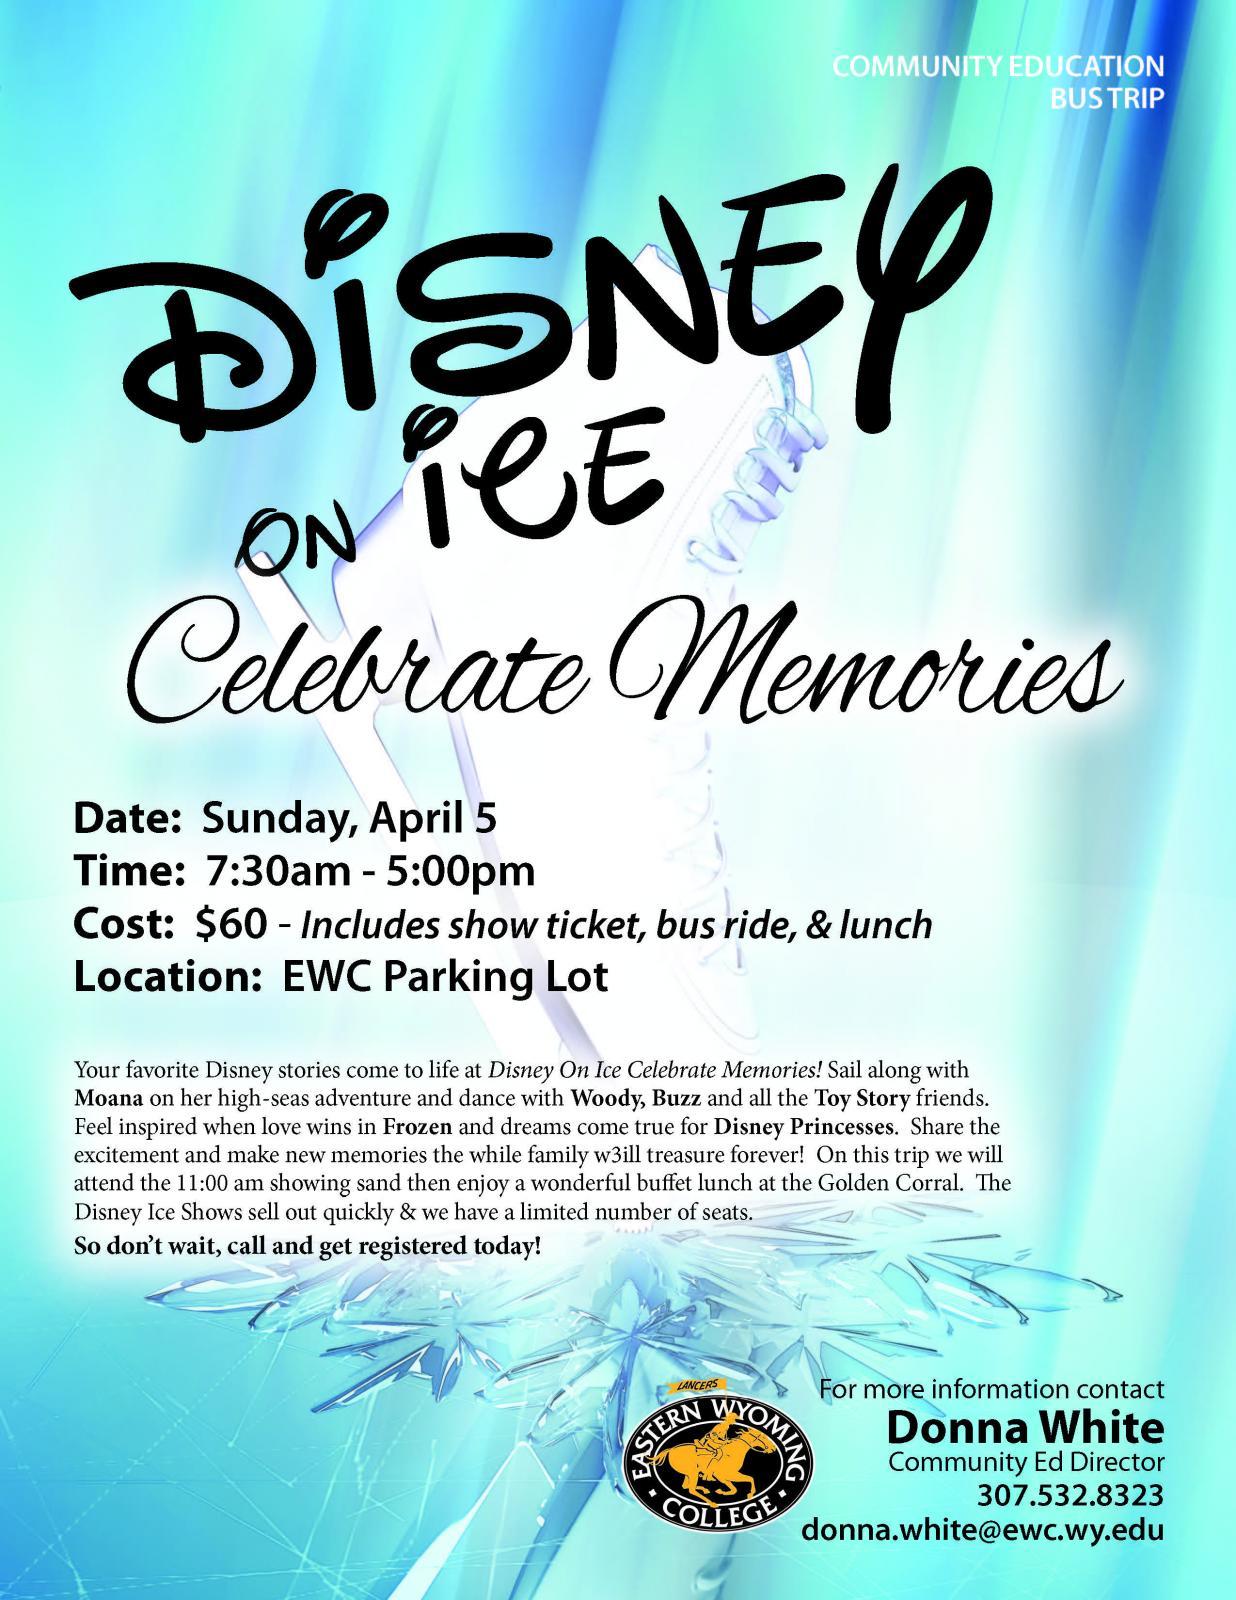 Disney on ice Celebrate Memories Photo